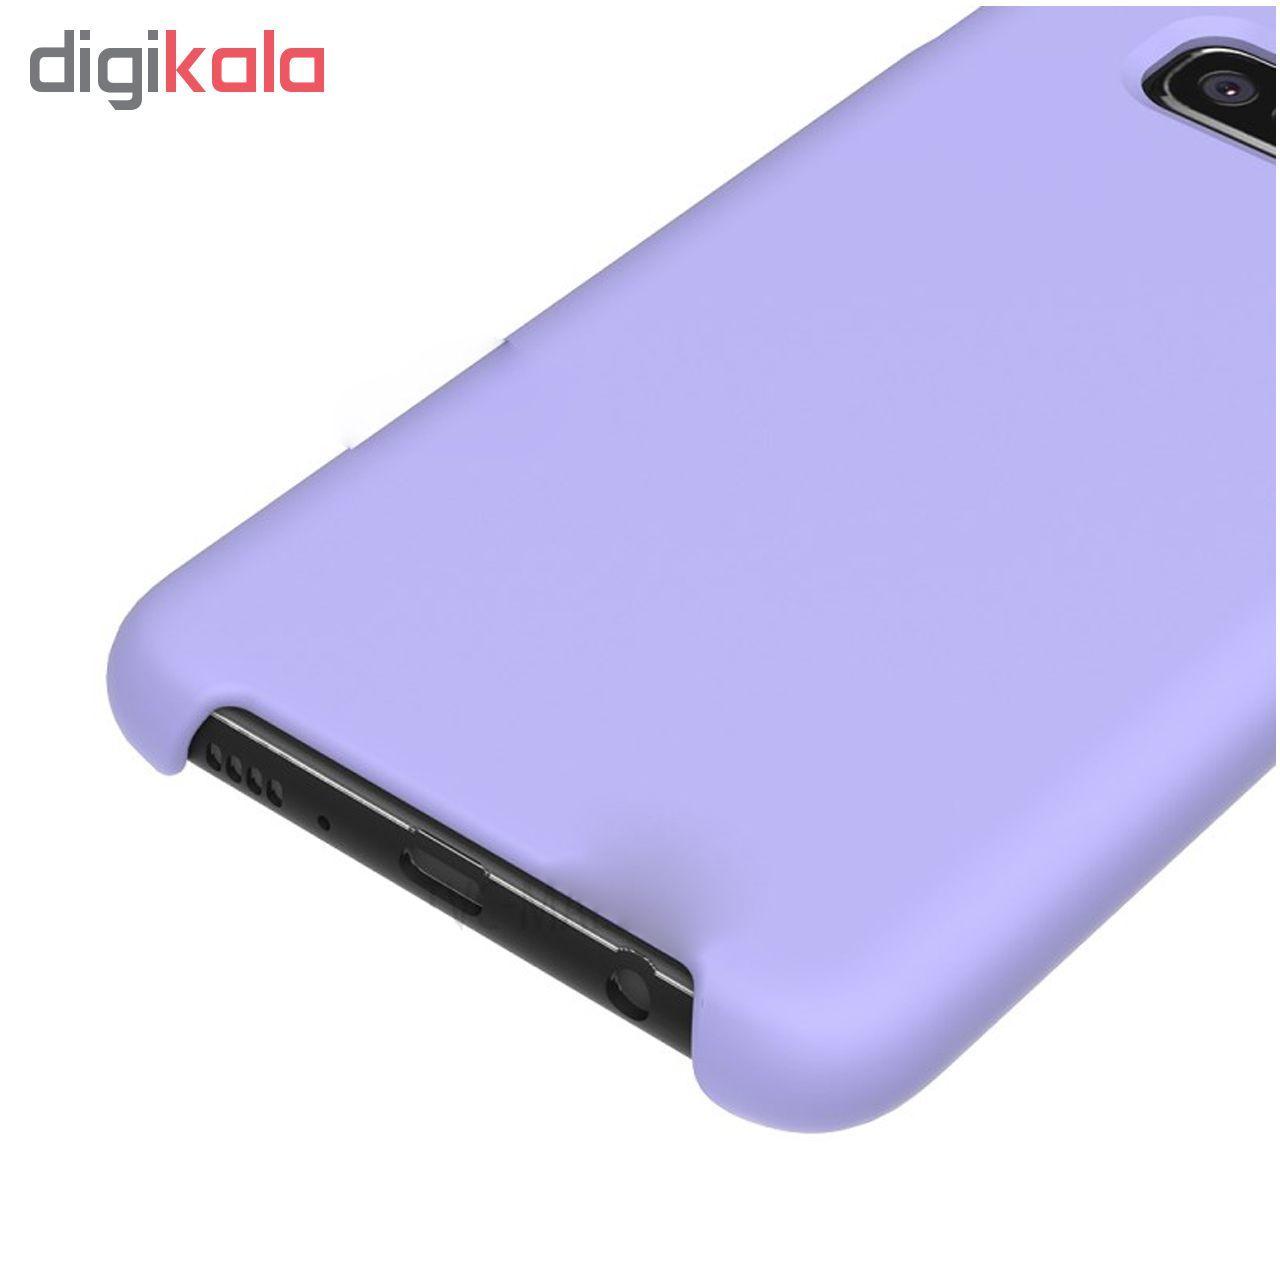 کاور سامسونگ مدل Slc مناسب برای گوشی موبایل سامسونگ Galaxy A70 main 1 5